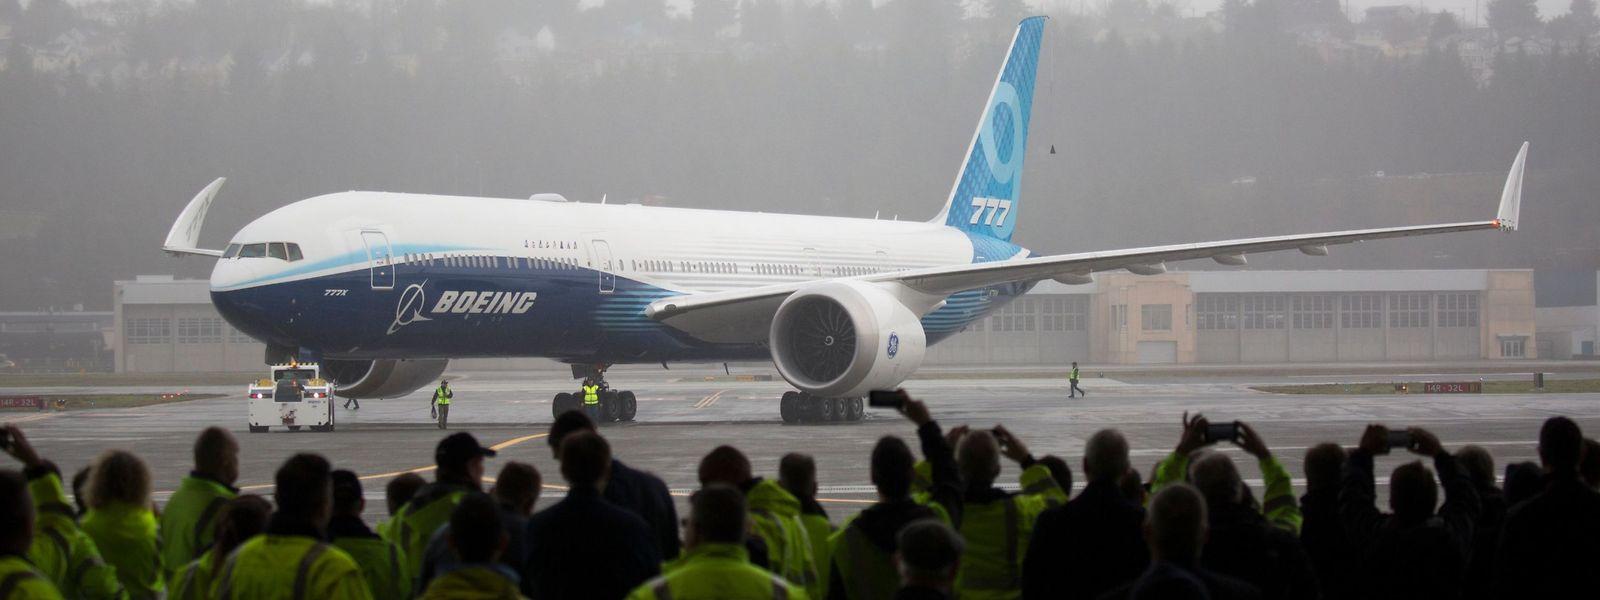 Erfolgreicher Jungfernflug trotz widrigen Wetterverhältnissen: Ein Boeing-777X-Flugzeug nach der Landung am Werksflughafen in Seattle.